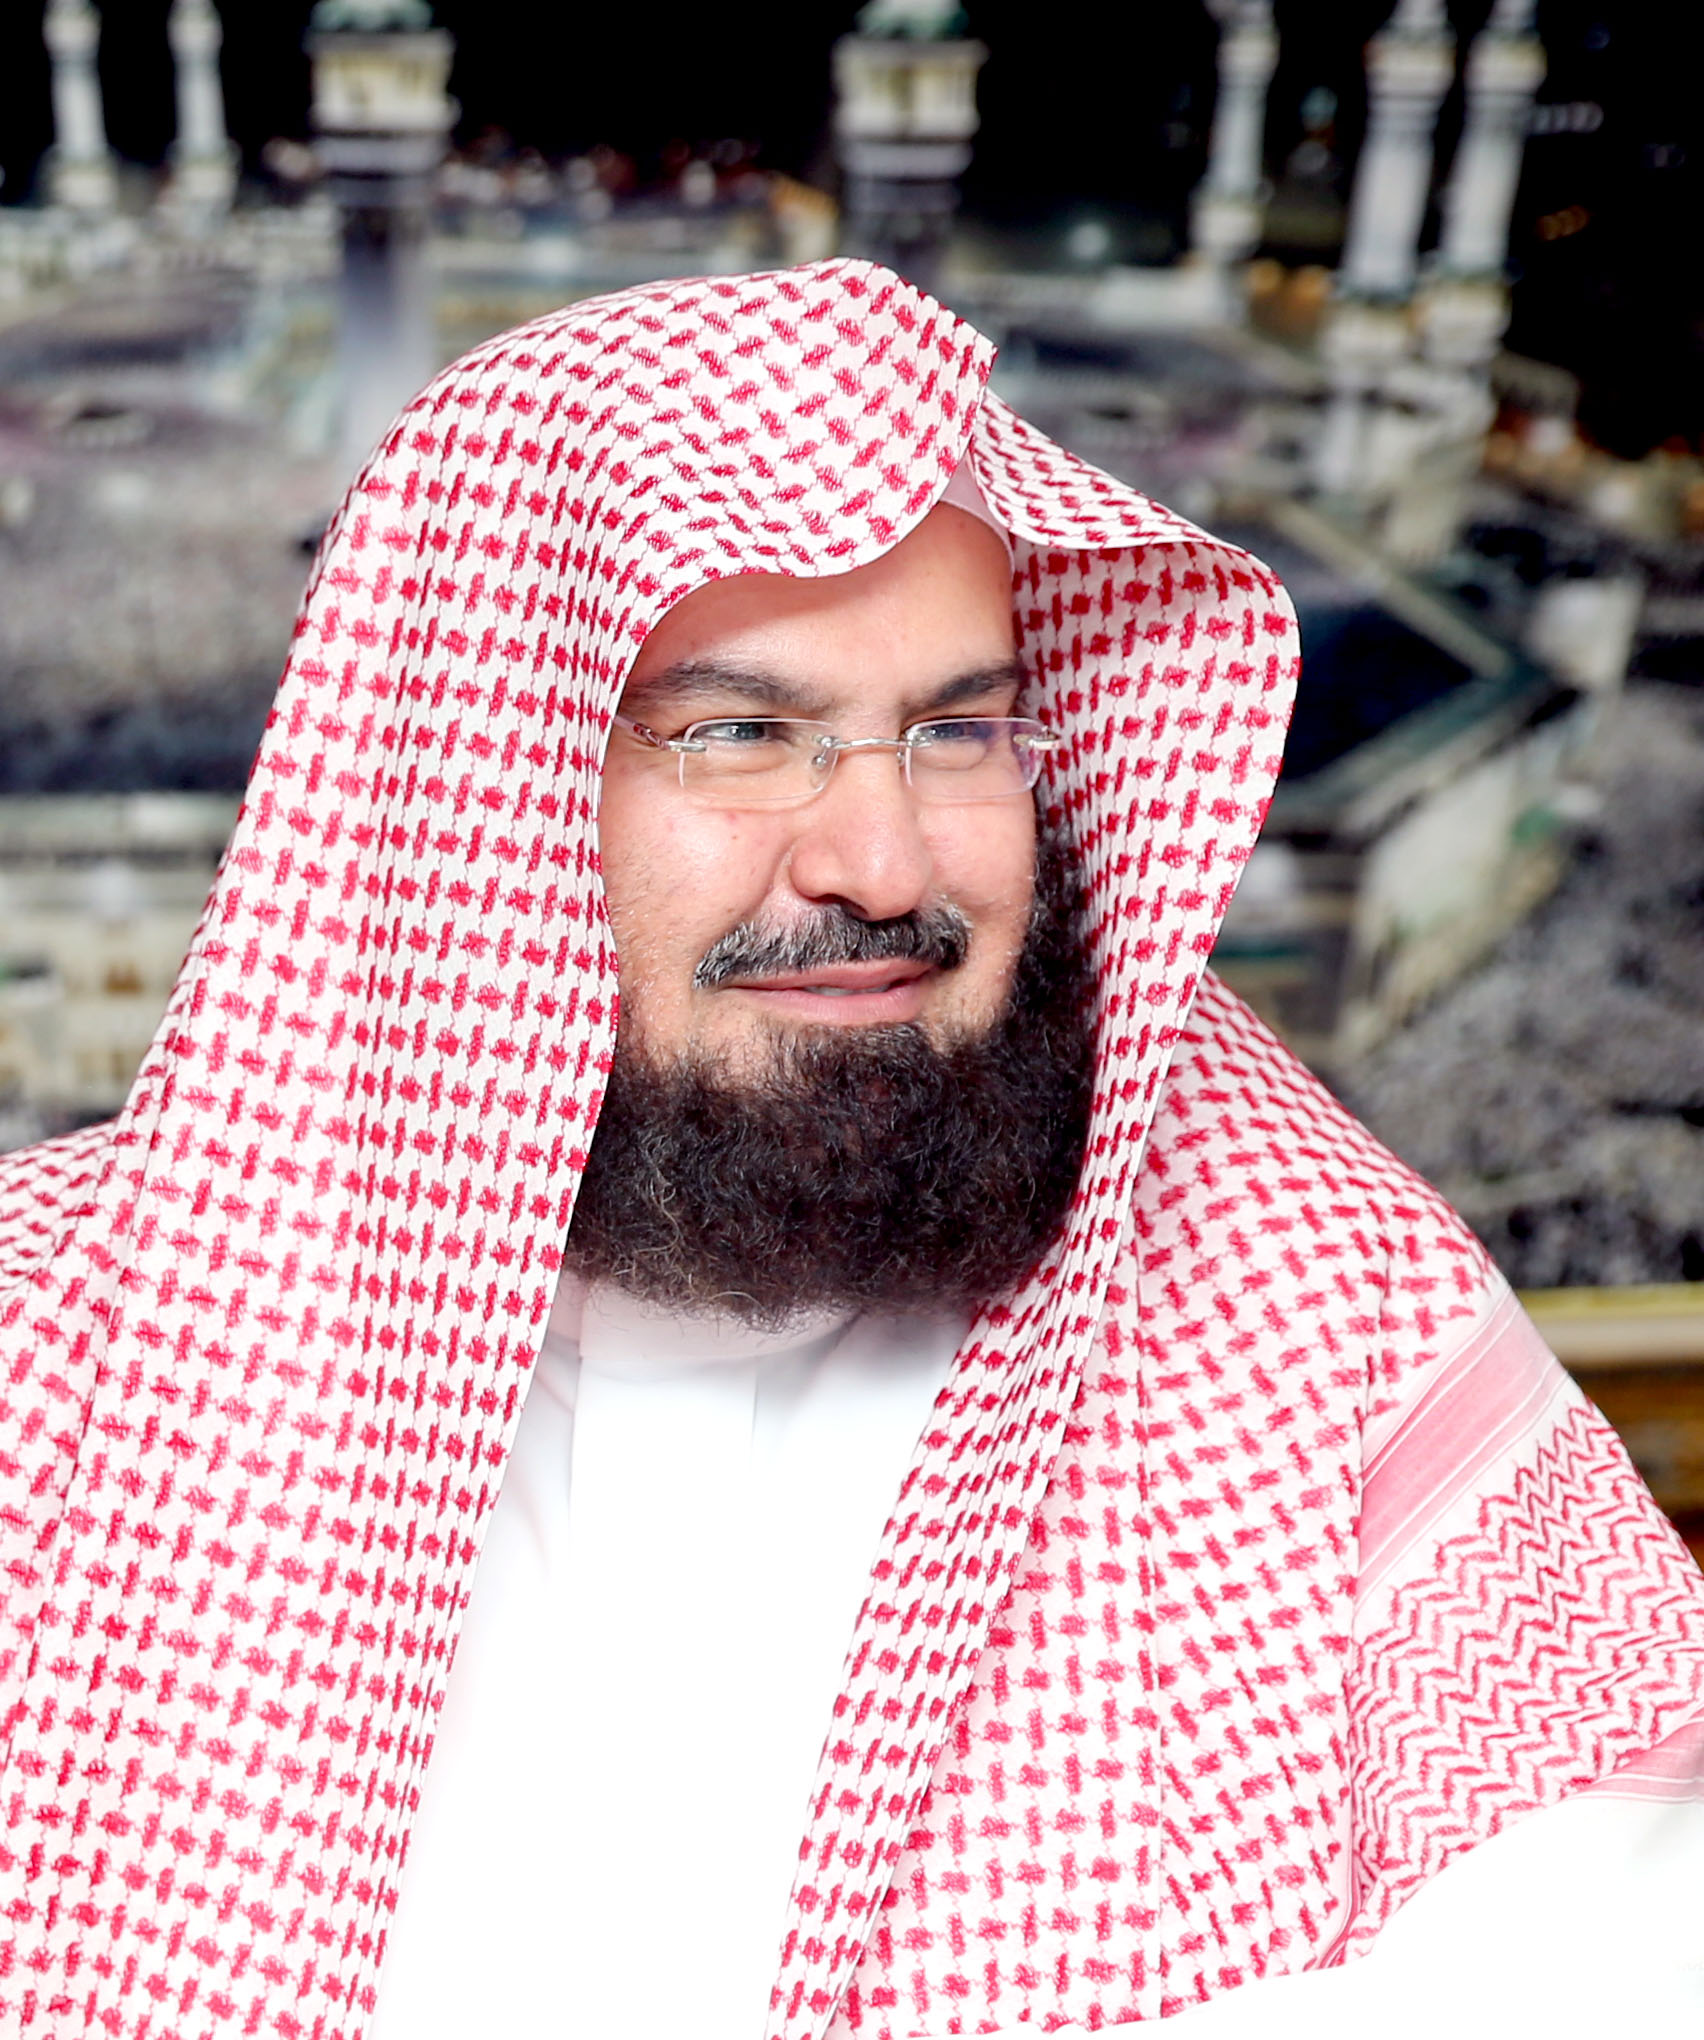 بالصور شخصيات اسلامية مؤثرة , شخصيات خالده في التاريخ unnamed file 47